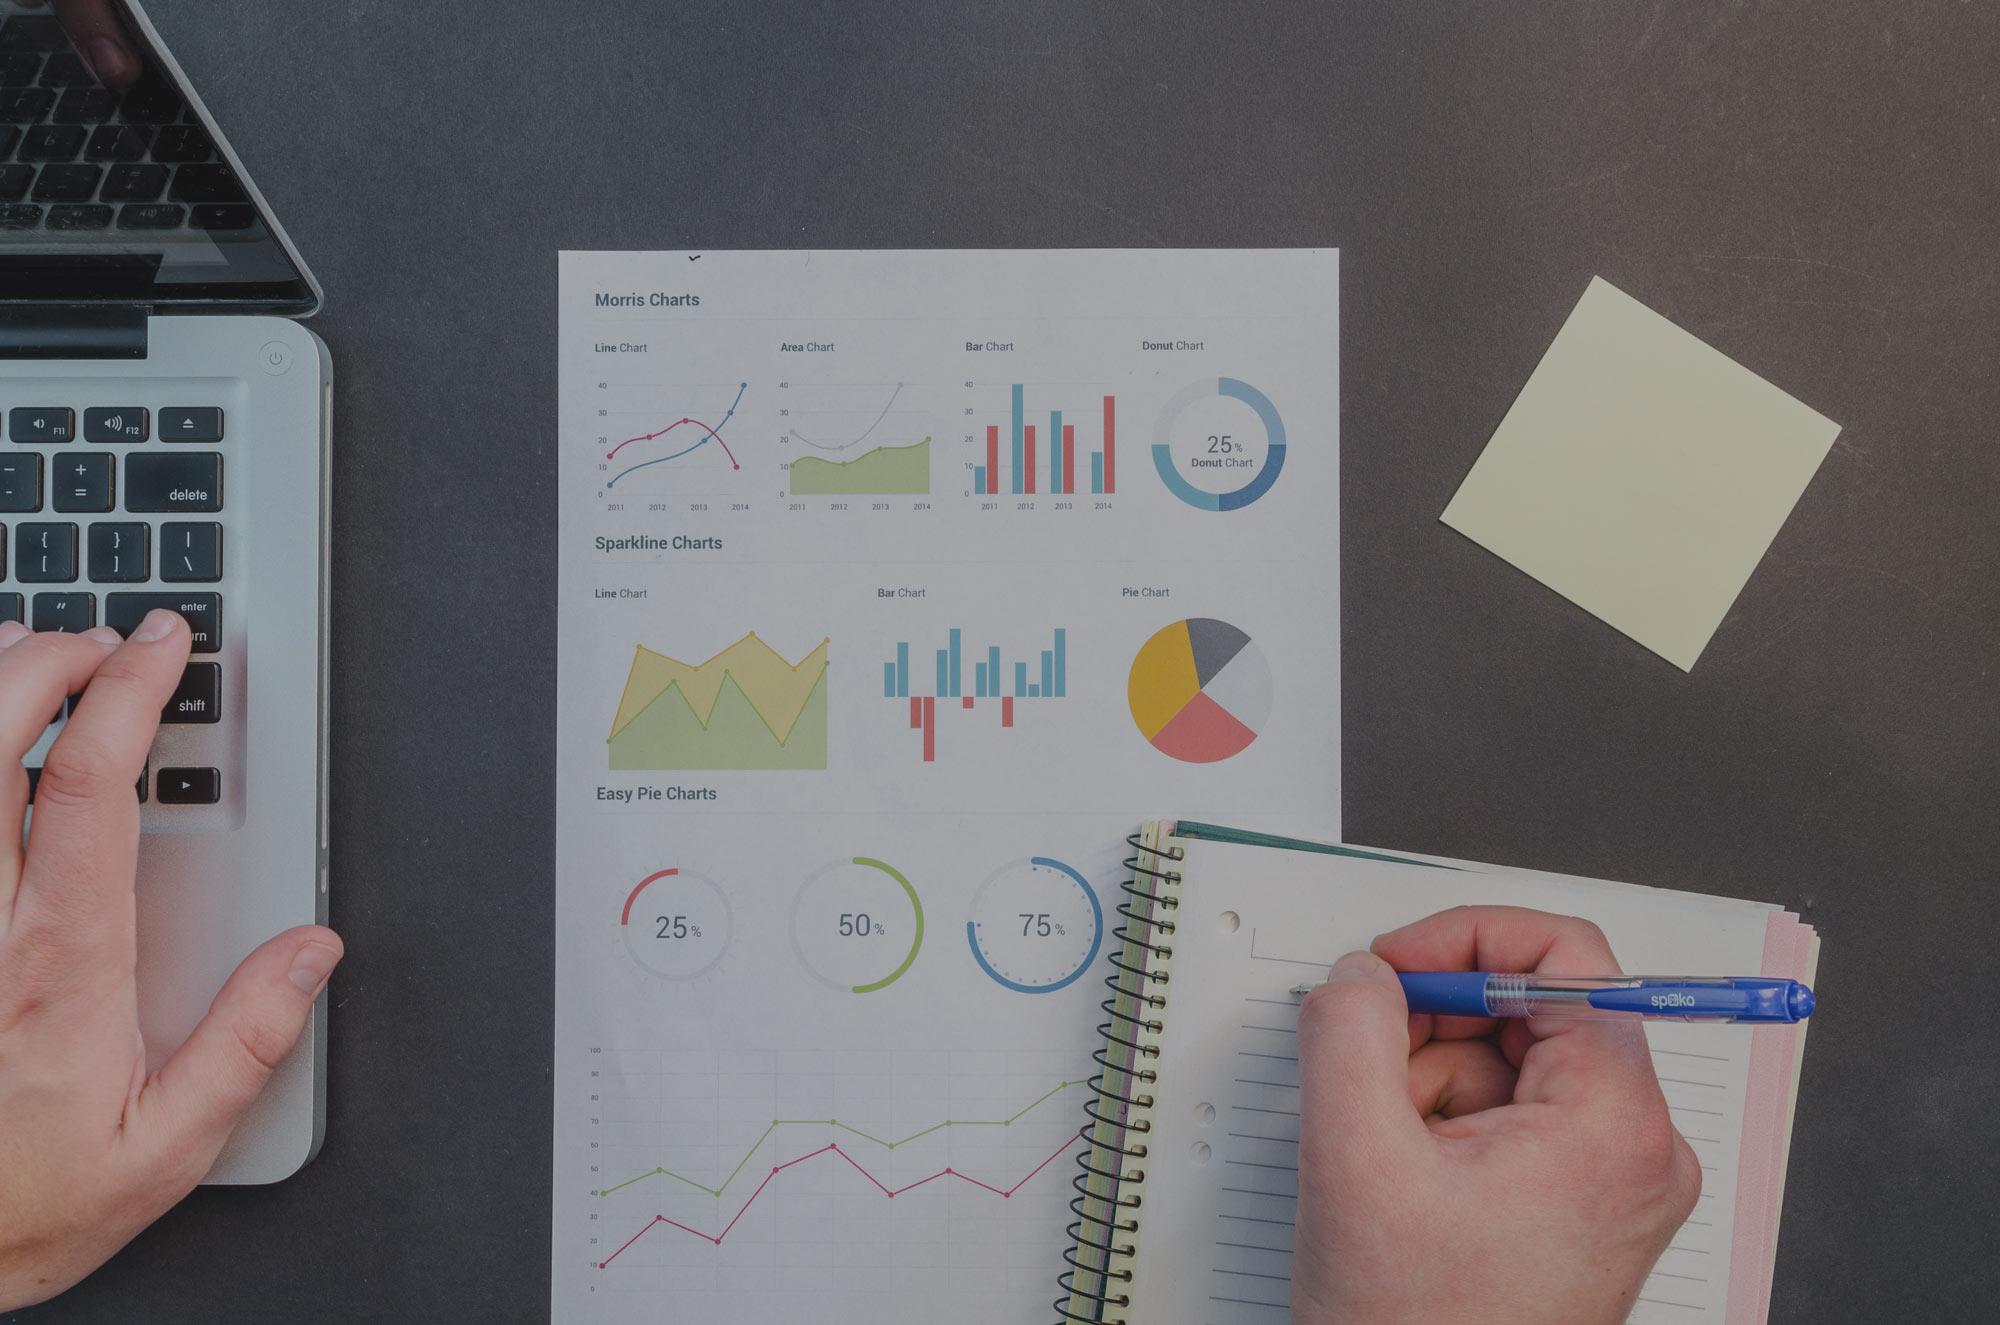 Implantamos soluciones de software avanzado de gestión